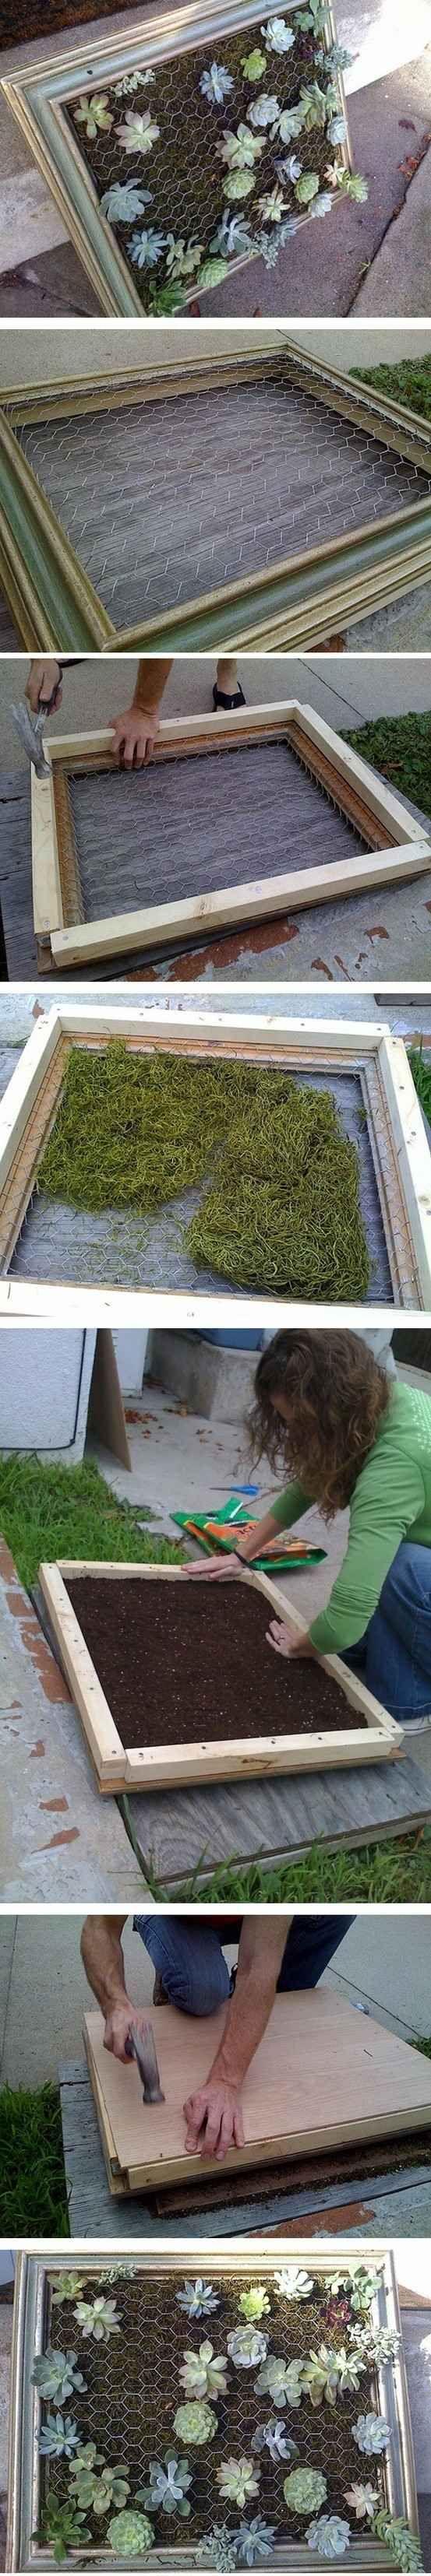 Haz un jardín colgante vertical de suculentos.